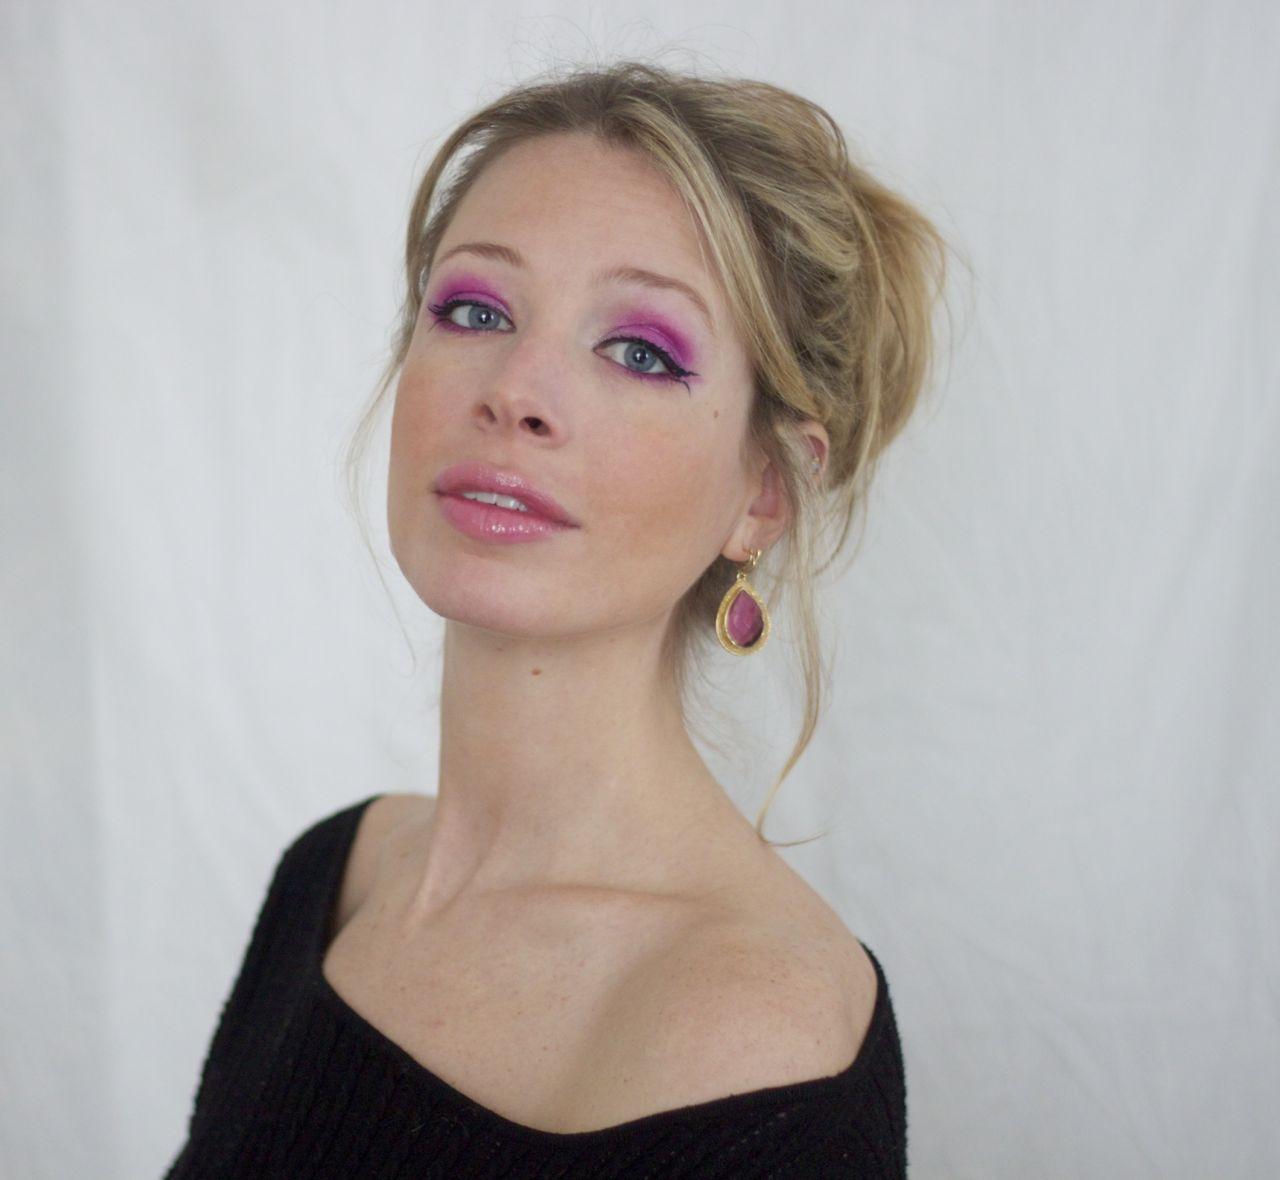 jordan reid makeup